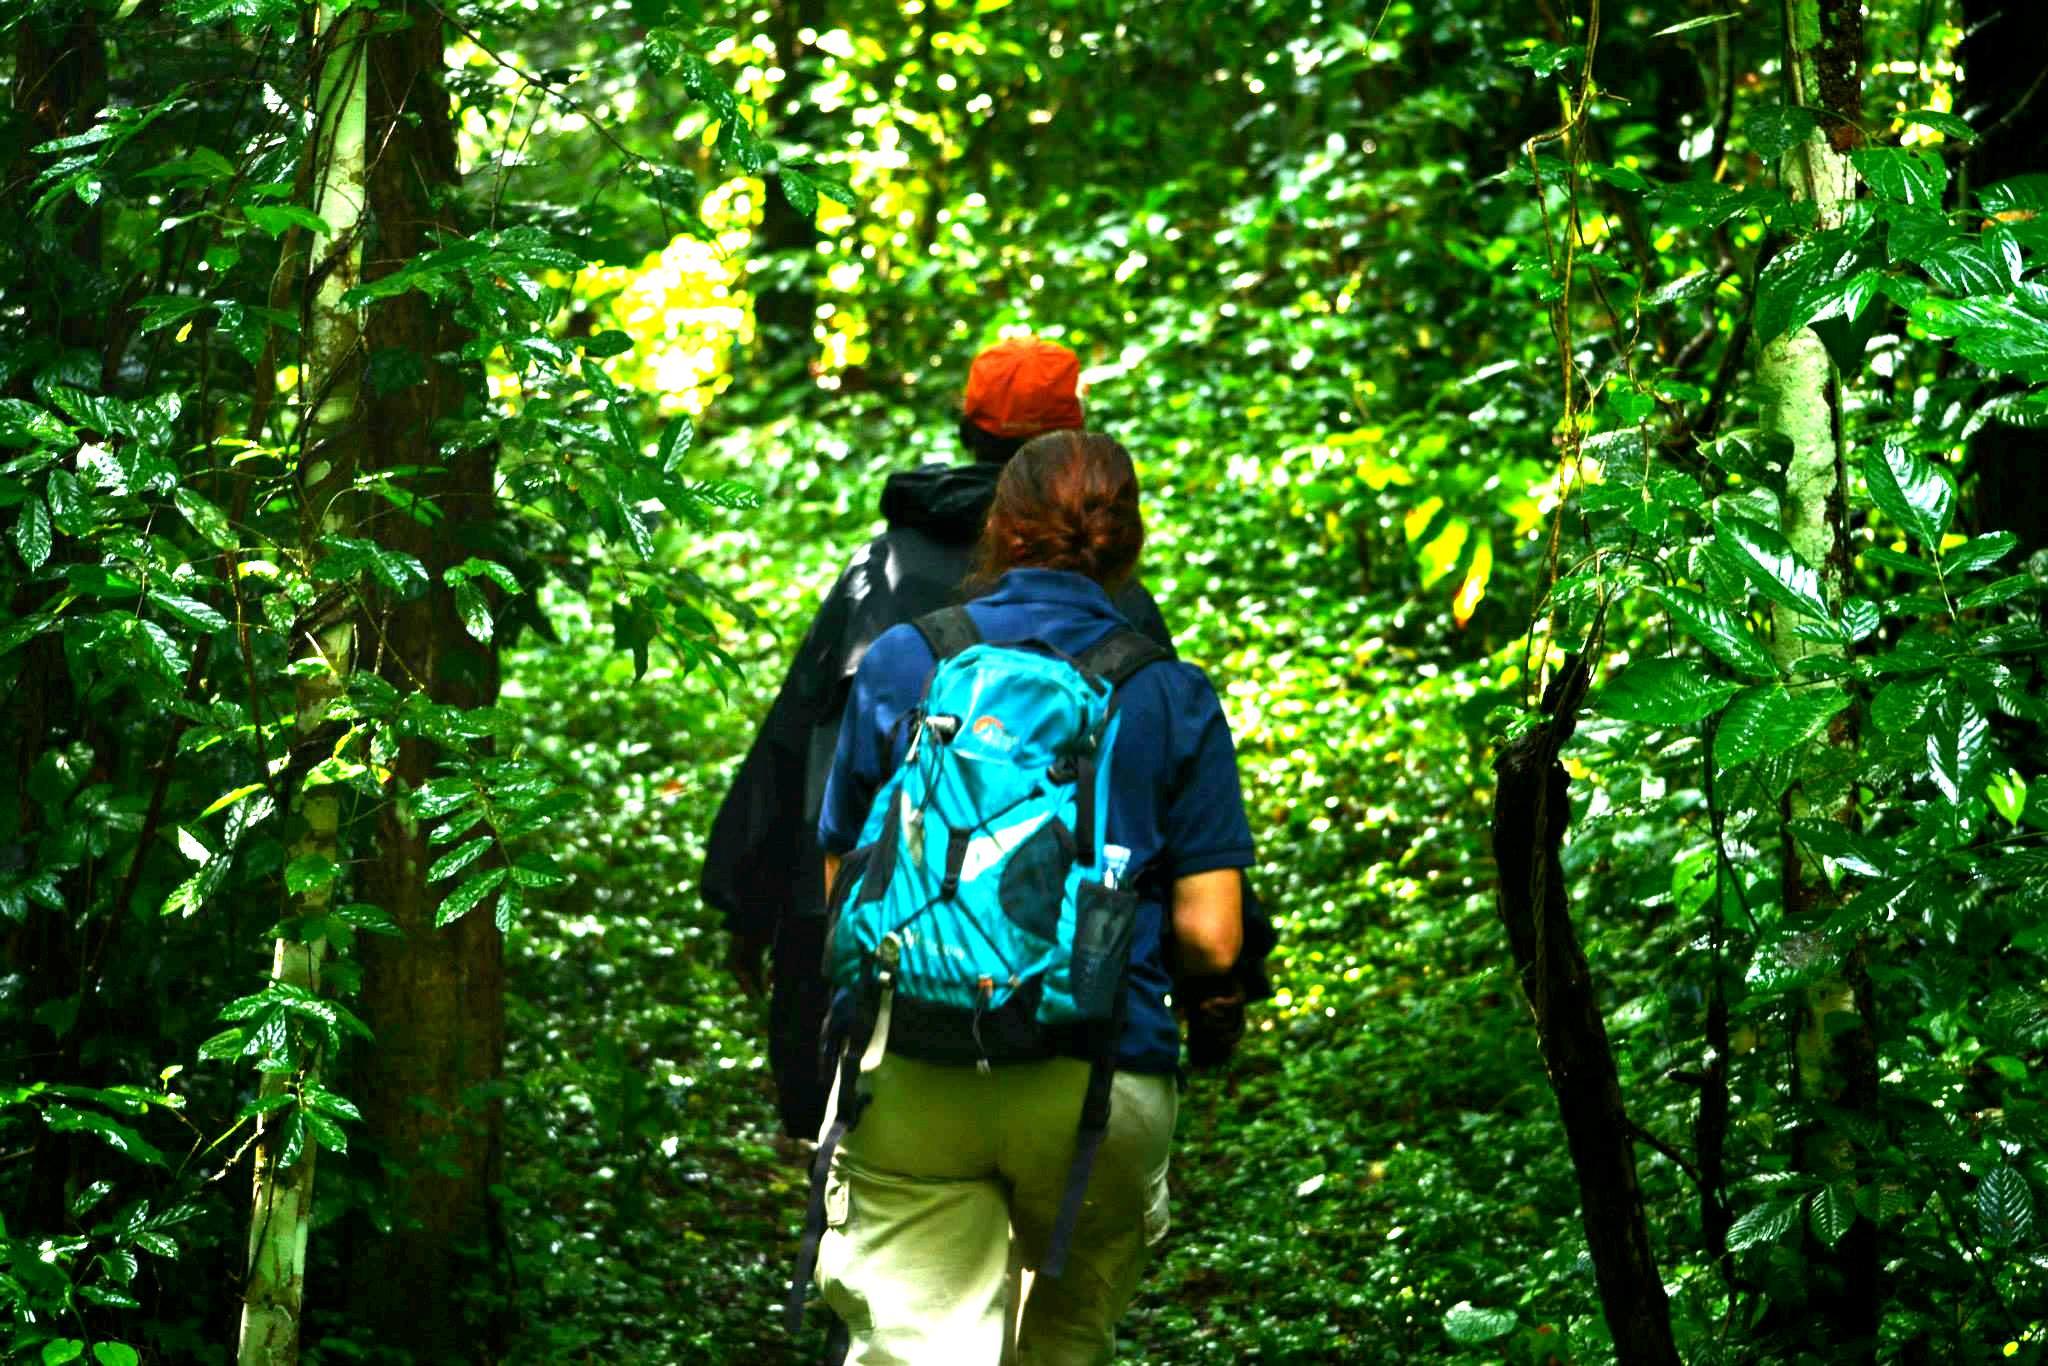 מסע חיפוש ברחבי הג'ונגל אחרי השימפנזים